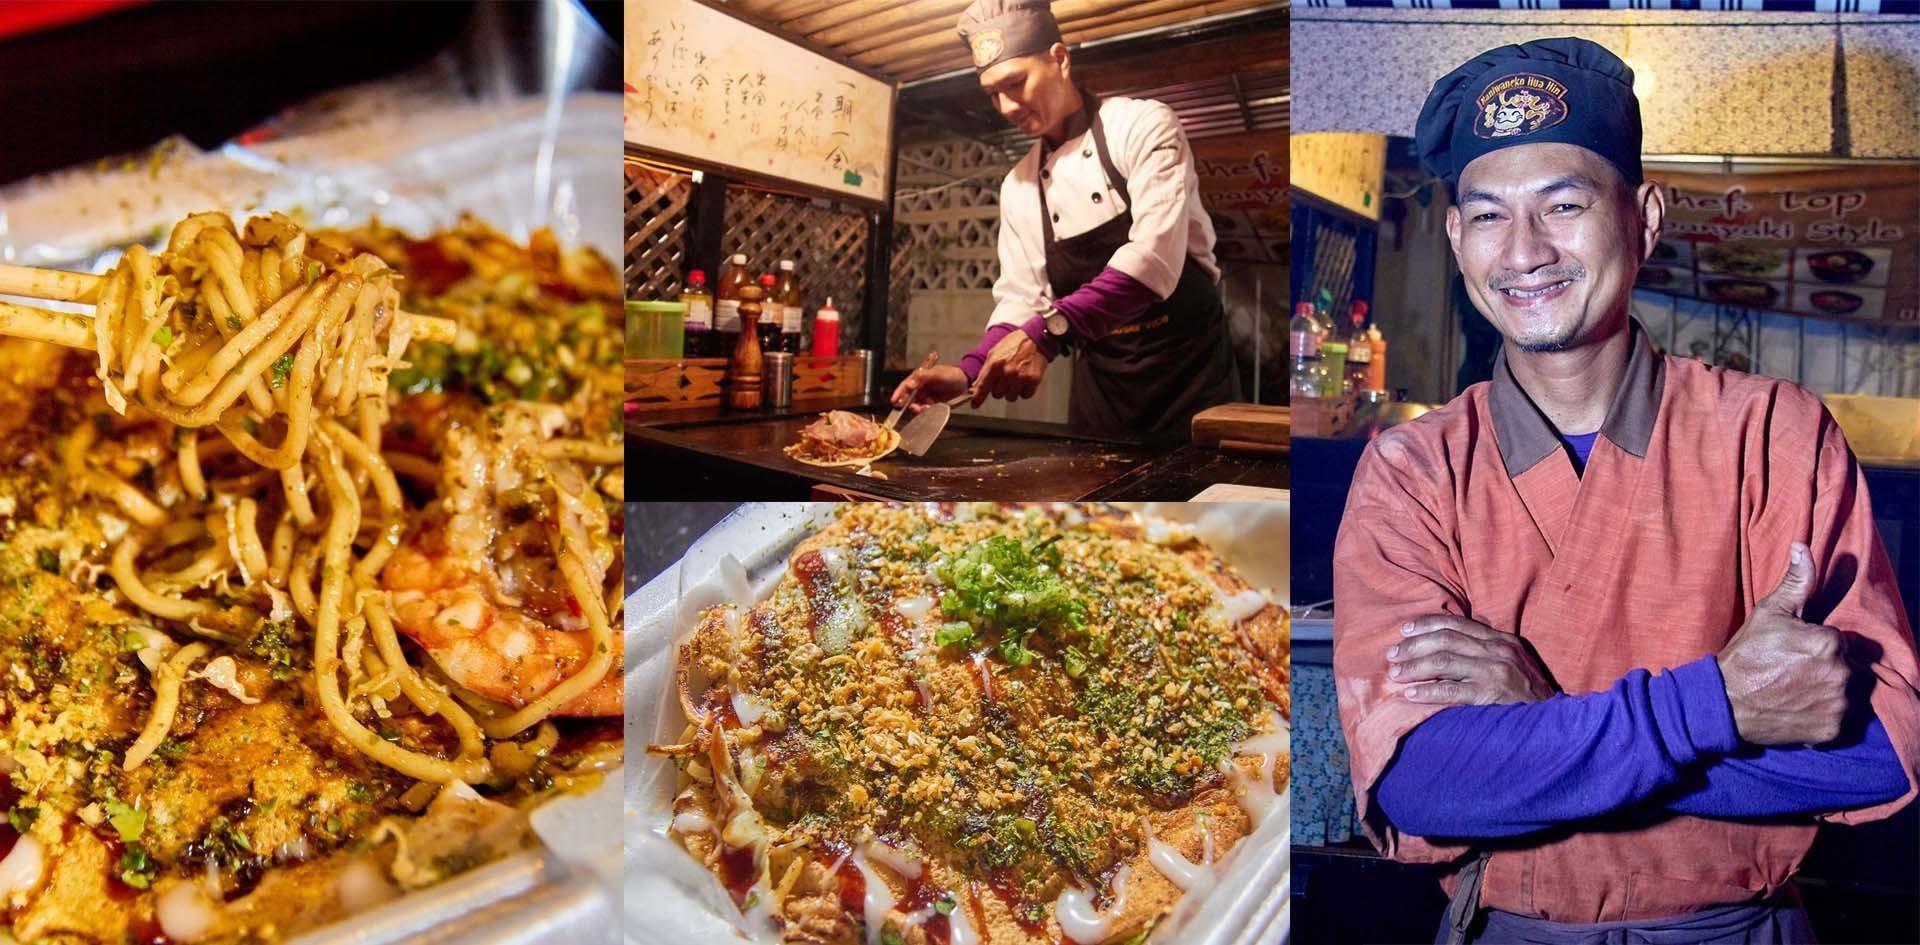 """ร้านอาหารญี่ปุ่น หัวหิน """"นานิวะเนโกะ"""" ฟู้ดทรัค เจ้าเด็ดริมถ.แนบเคหาสน์"""